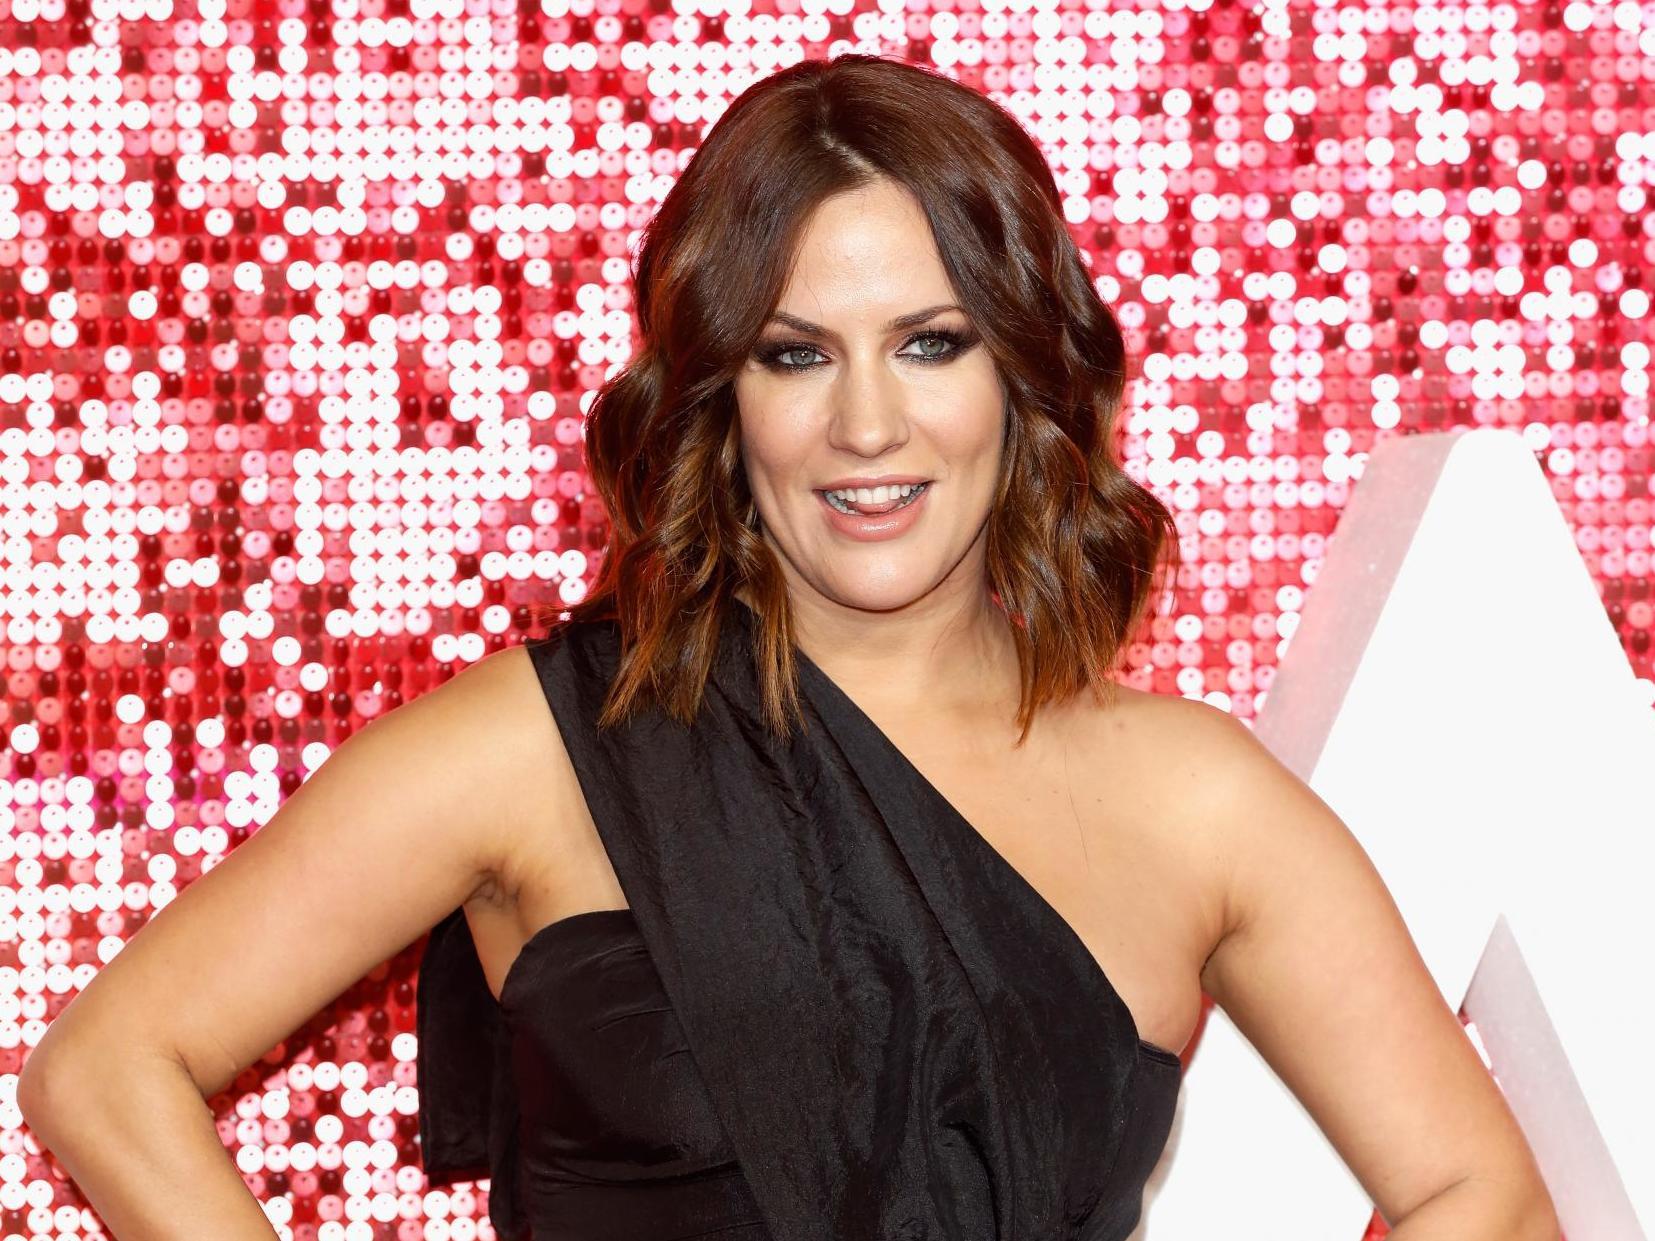 Caroline Flack was getting 'death threats' says Hollyoaks star